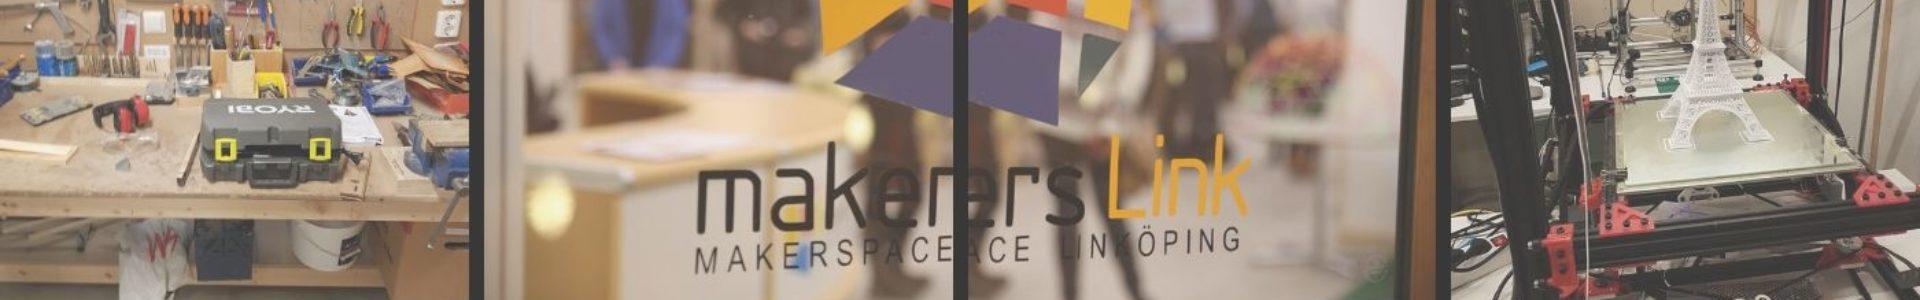 MakersLink